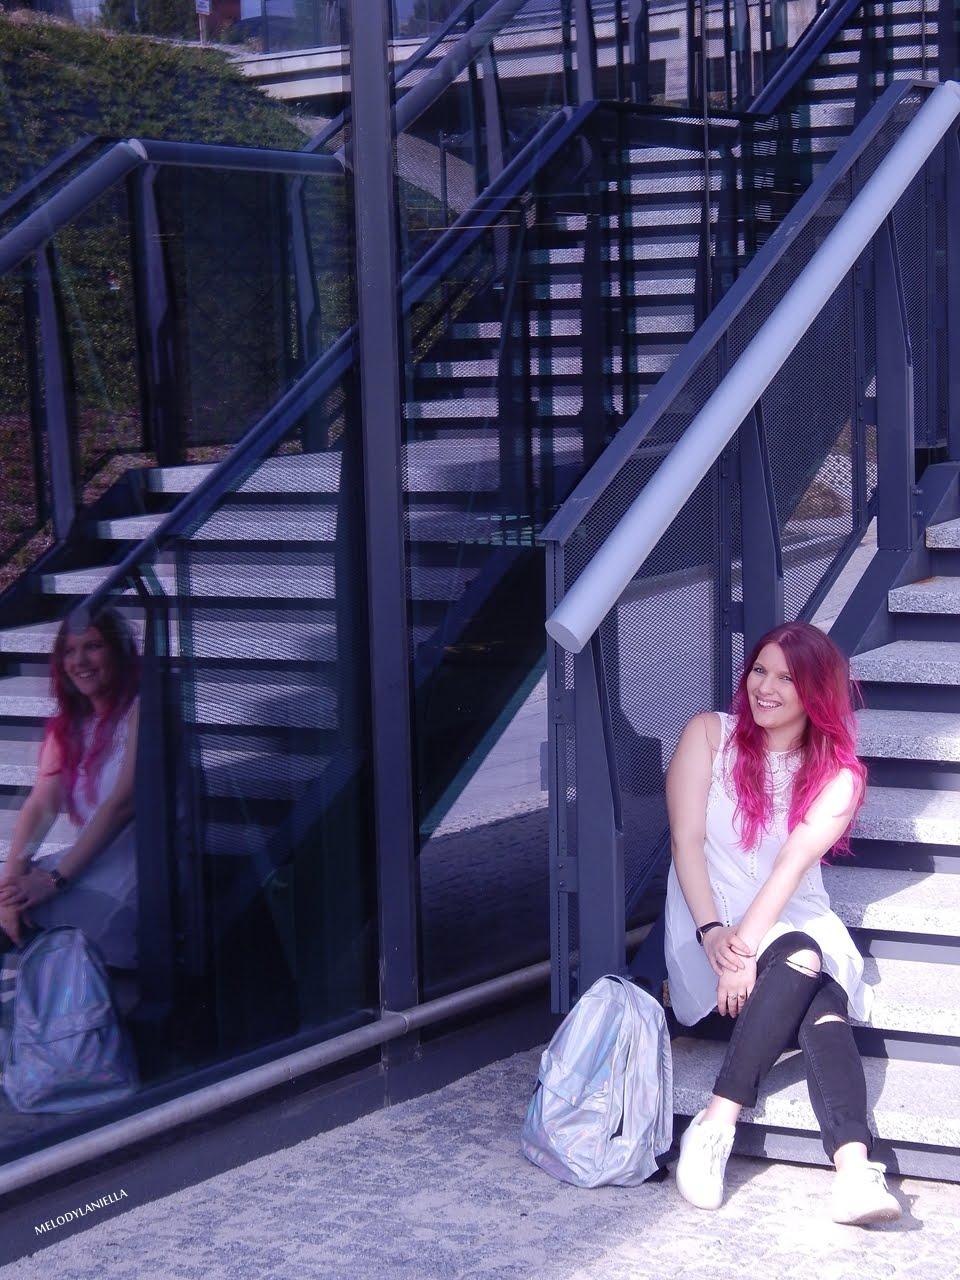 2 holograficzny plecak betterlook.pl farby venita różowe włosy jak pofarbować włosy kolorowe włosy ombre pink hair paul rich watches zegarek czarne jeansy z dziurami modna polka lookbook